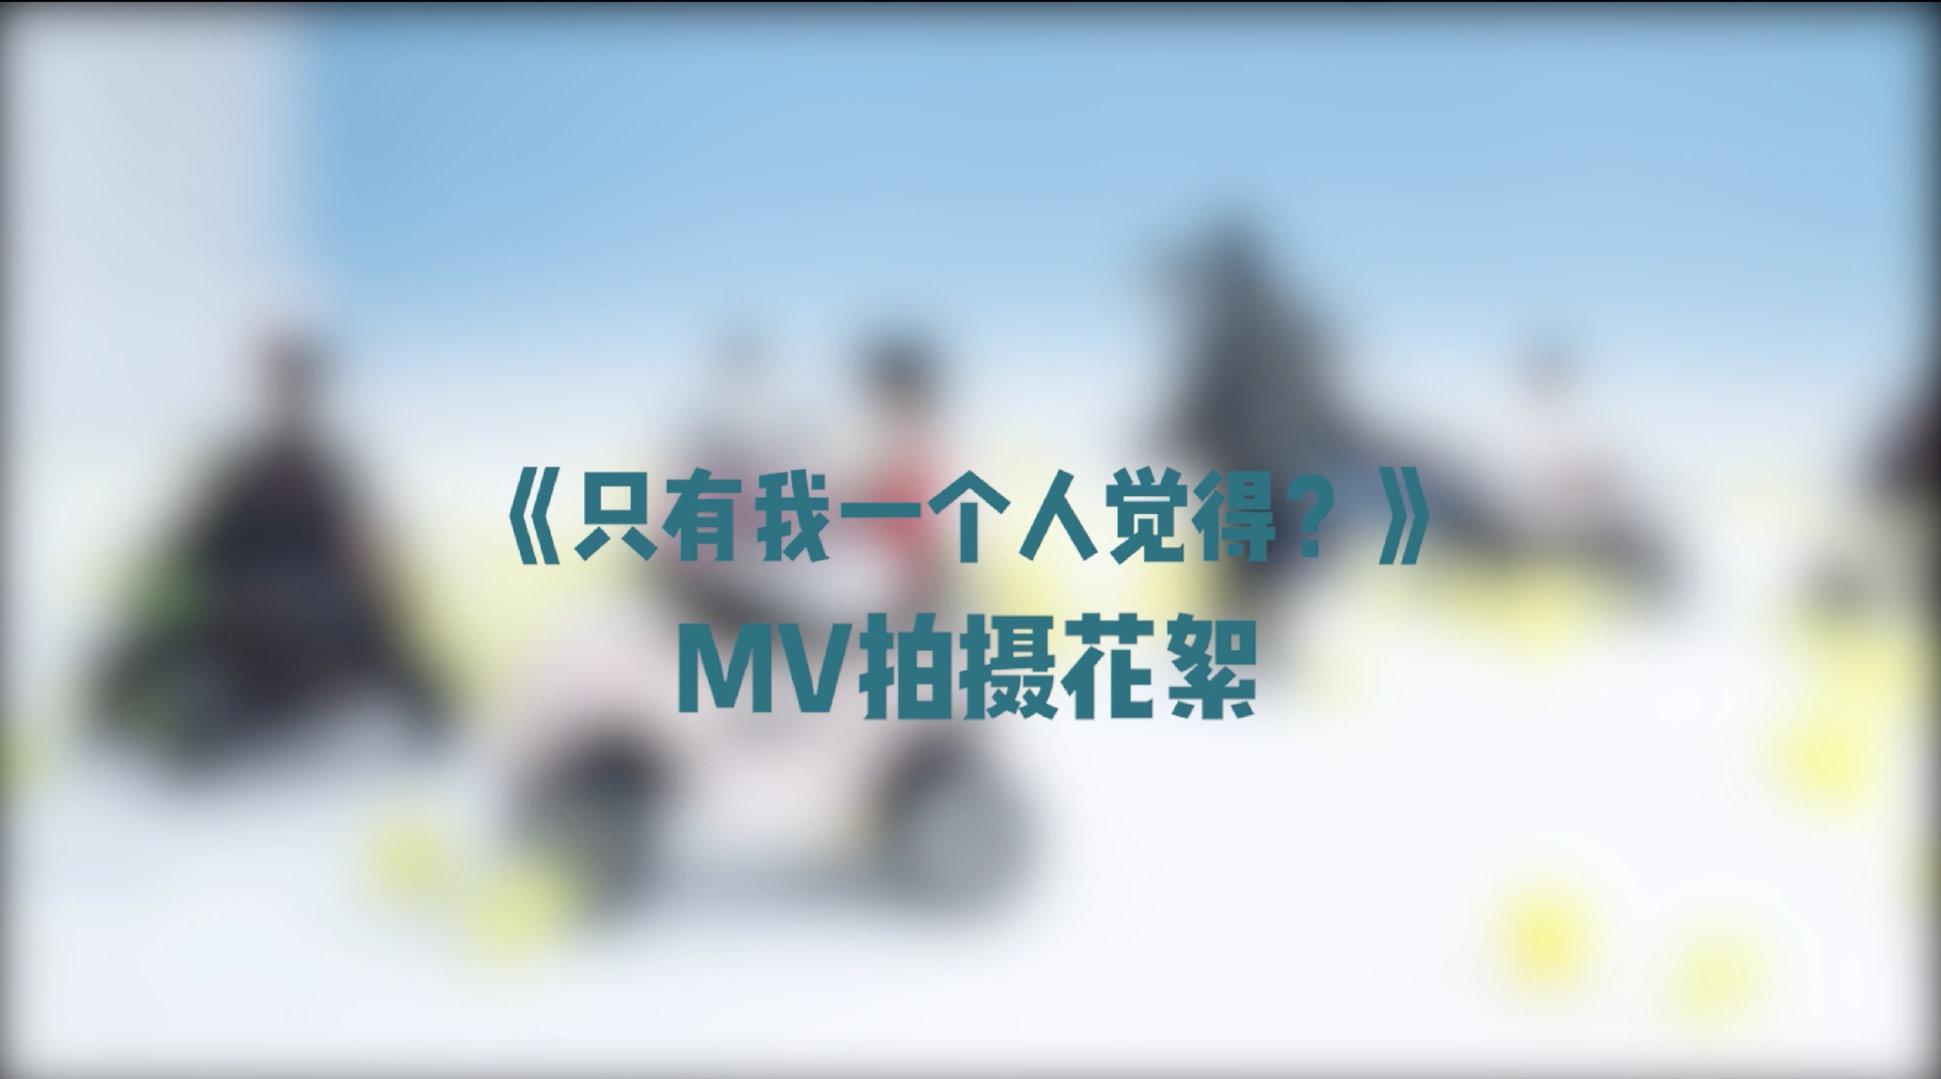 【时代少年团】《只有我一个人觉得?》MV花絮